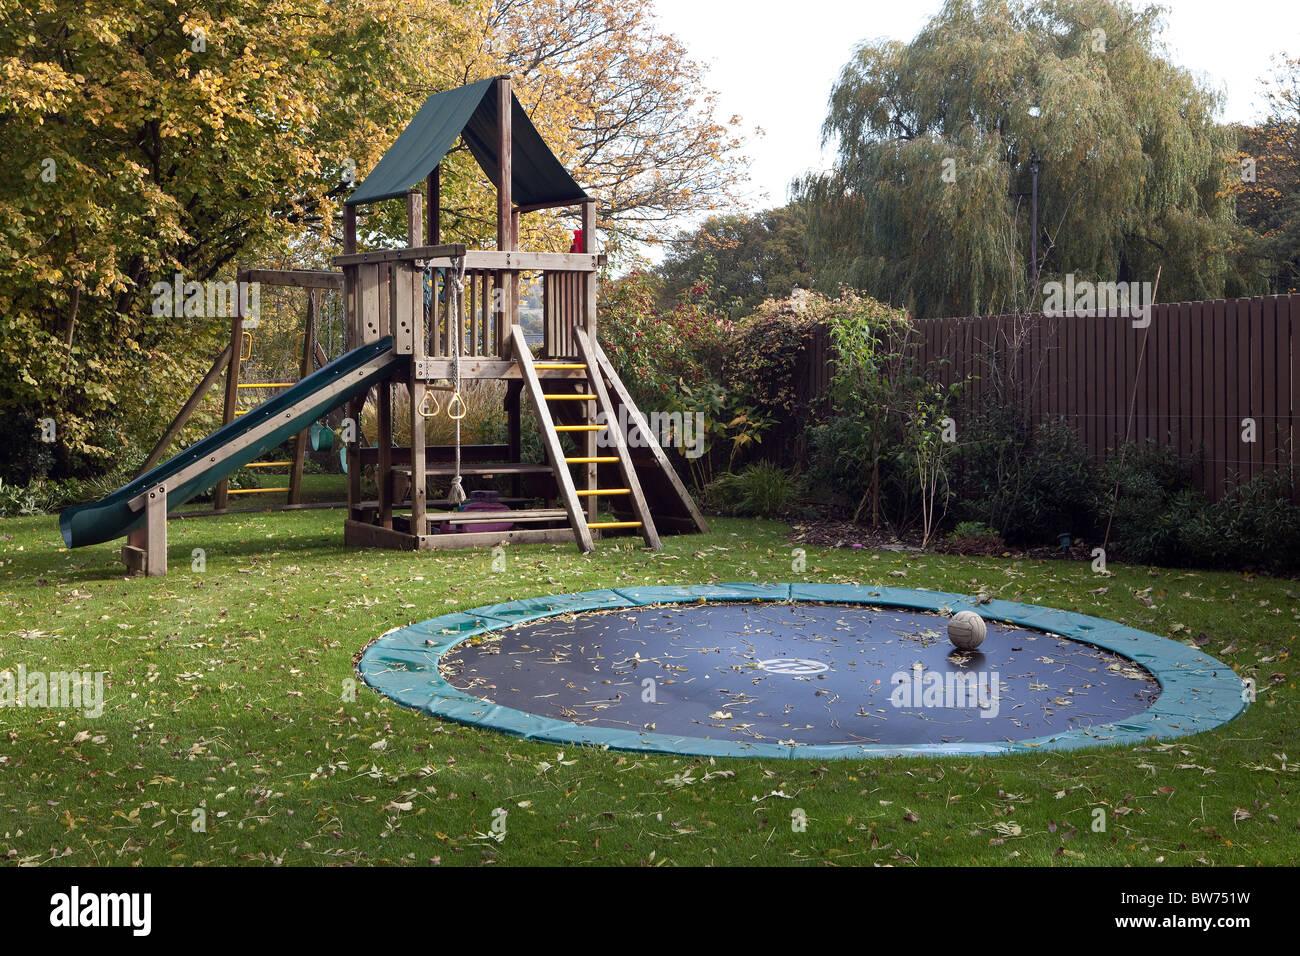 Klettergerüste Für Den Garten : Klettergerüst rutsche und trampolin im garten stockfoto bild